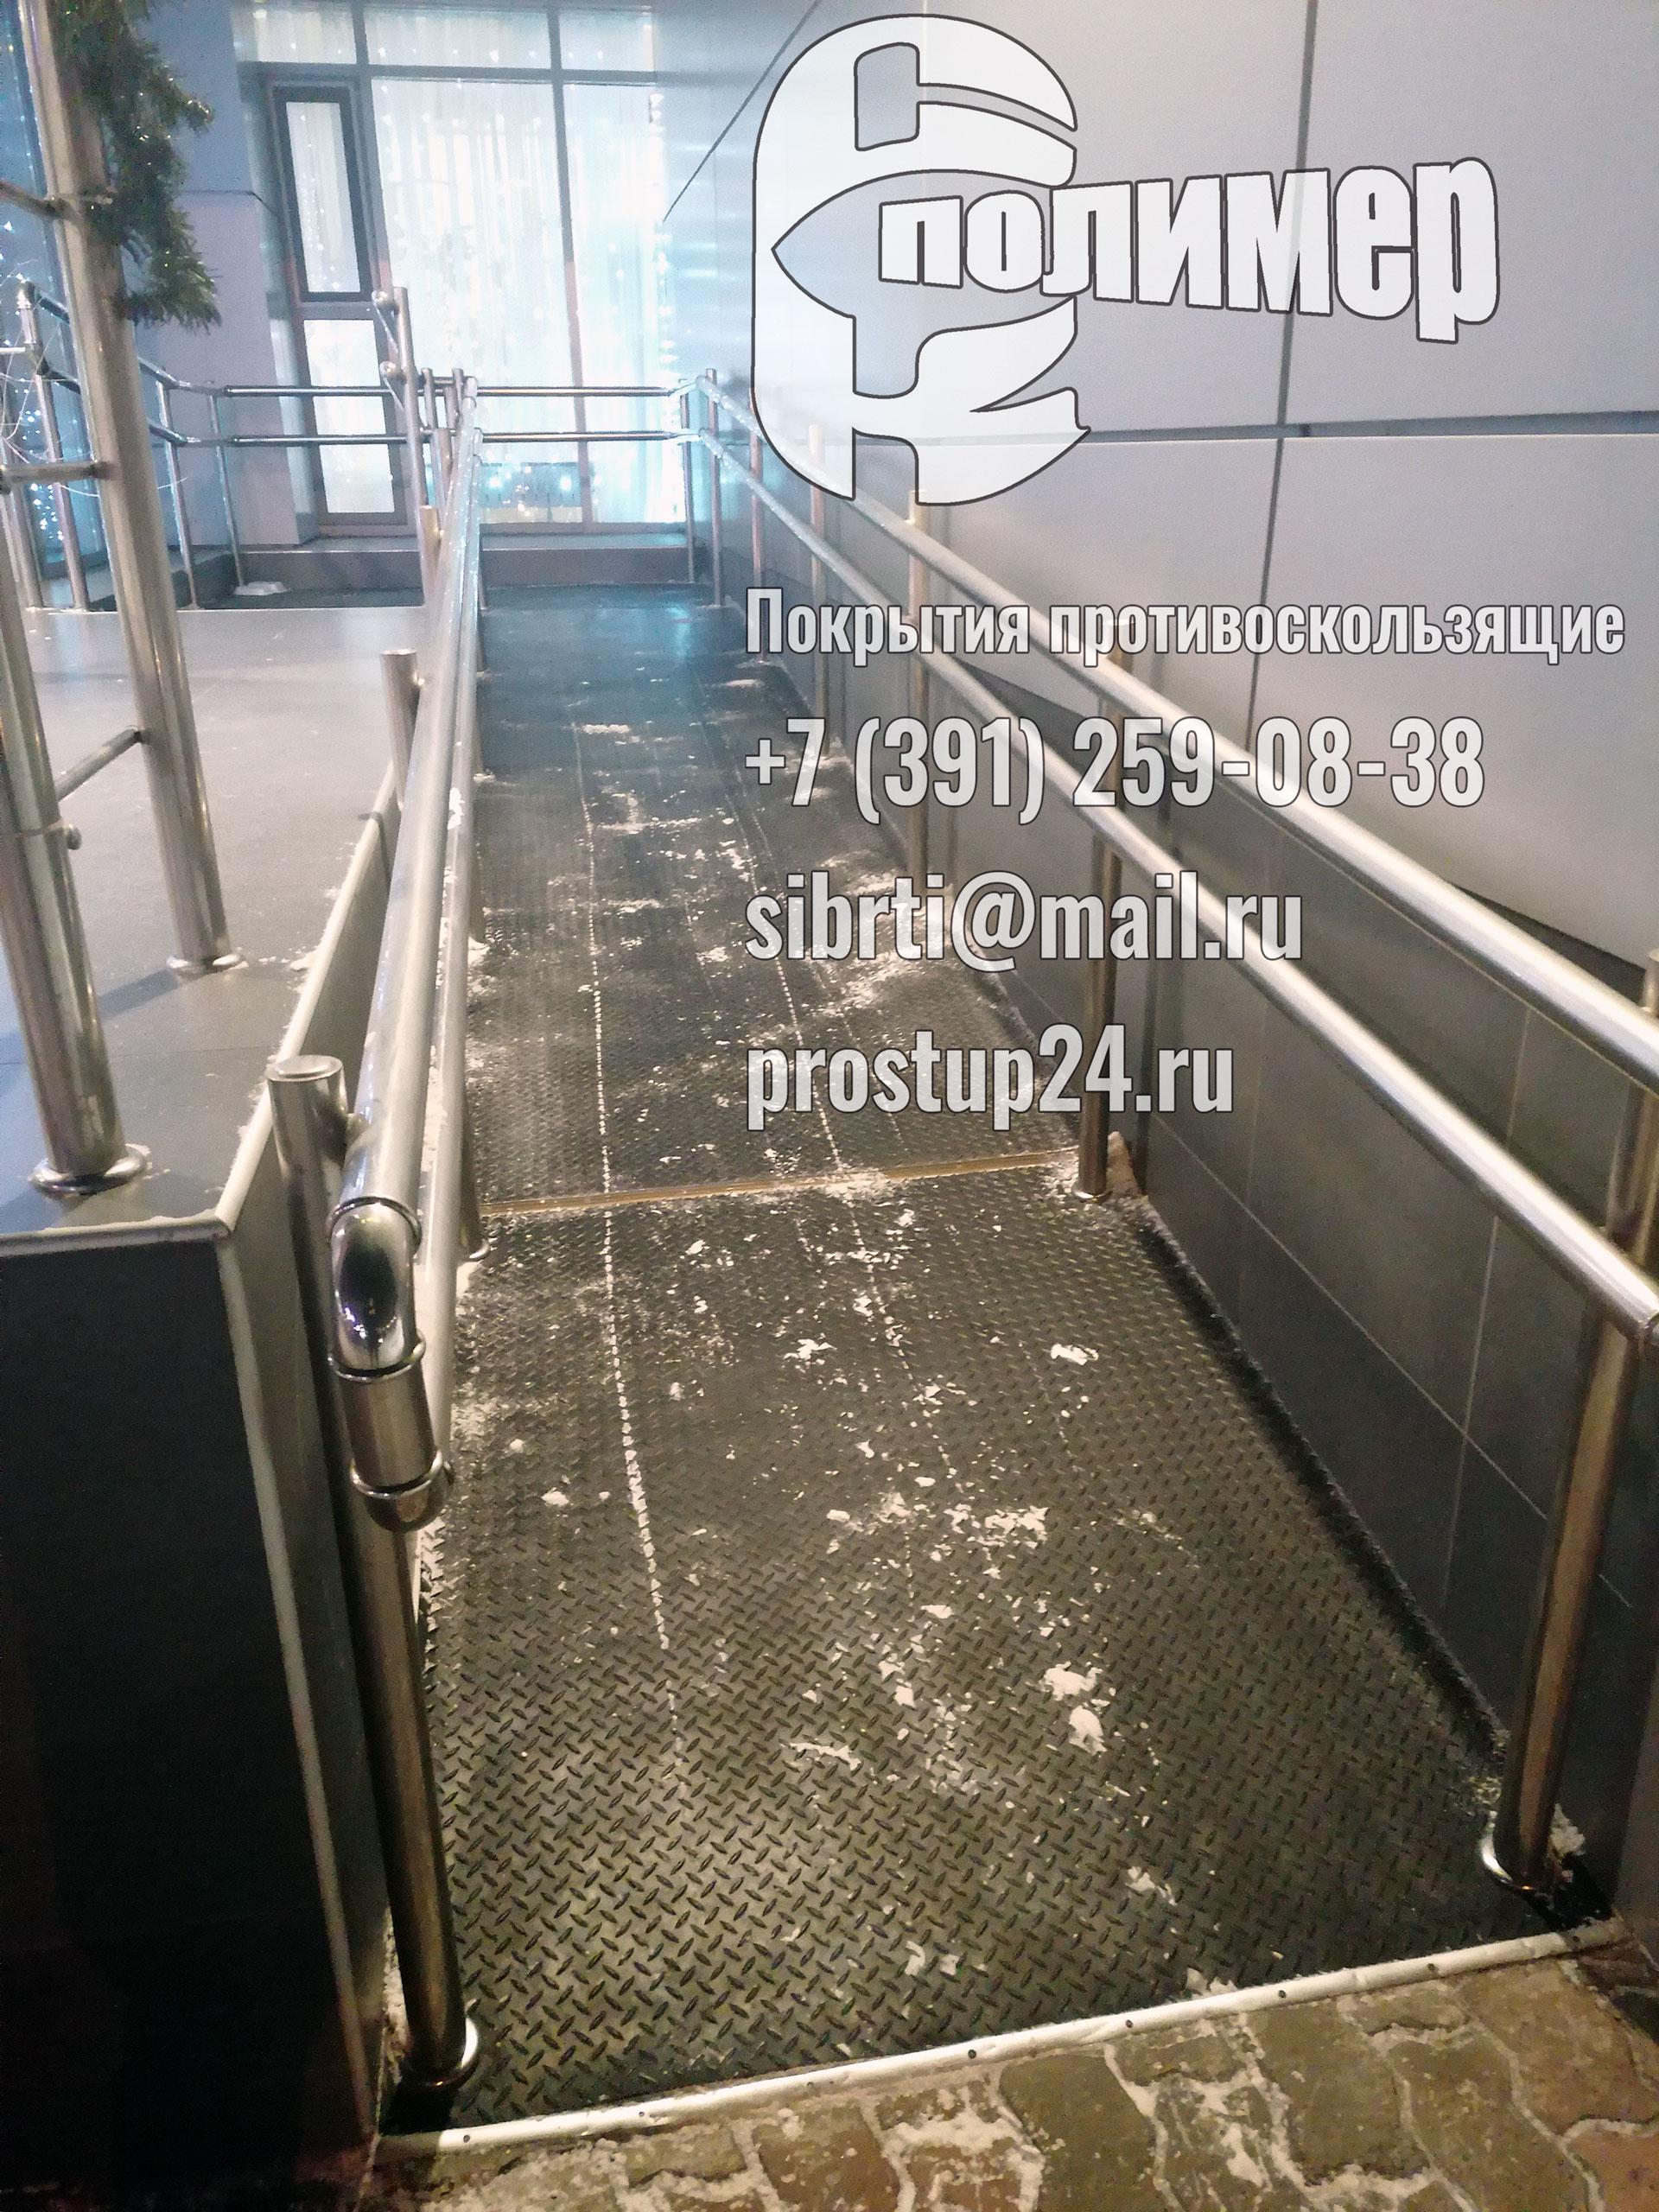 Антискользящие покрытия в Красноярске